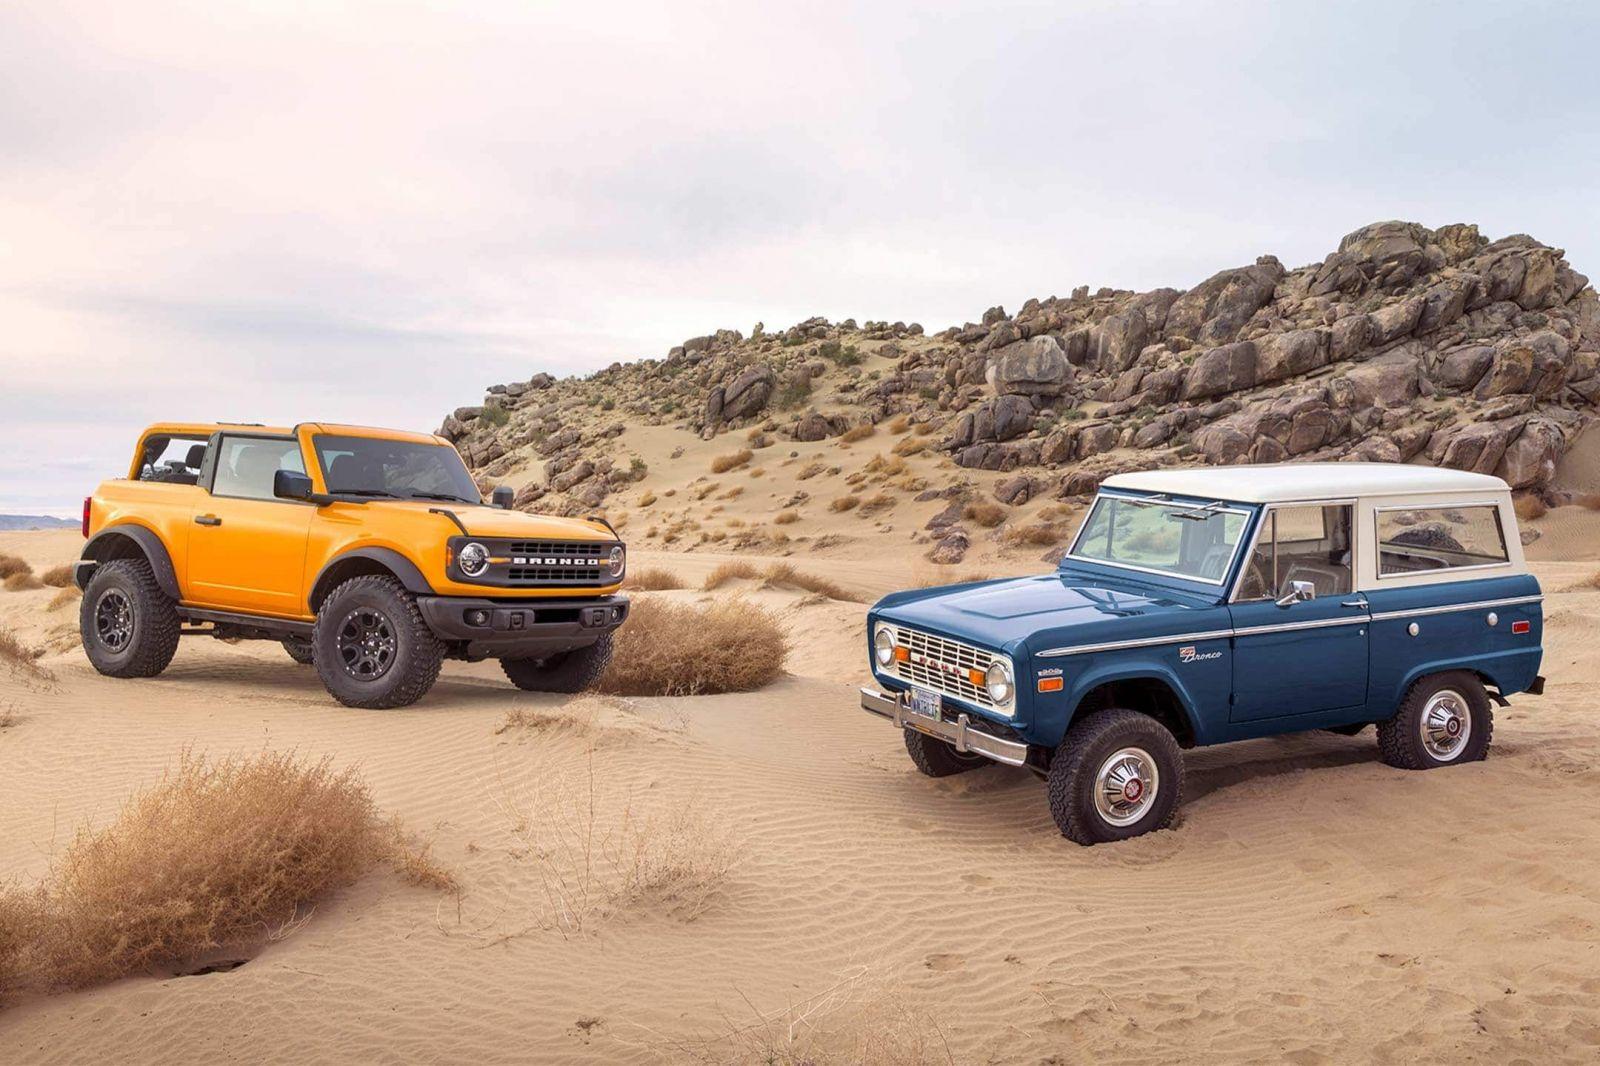 Veľkolepý návrat legendy v retro štýly. Ford po 25 rokoch znovuzrodil slávne Bronco